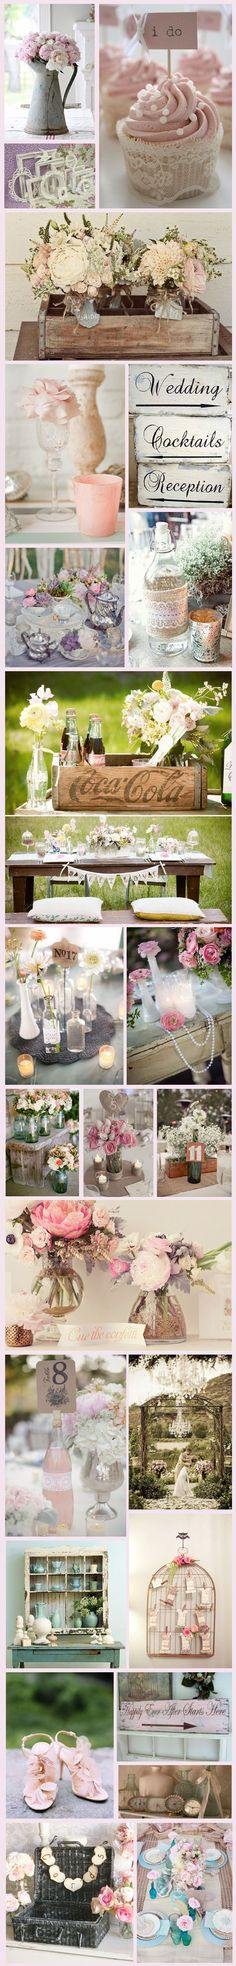 shabby chic wedding :)